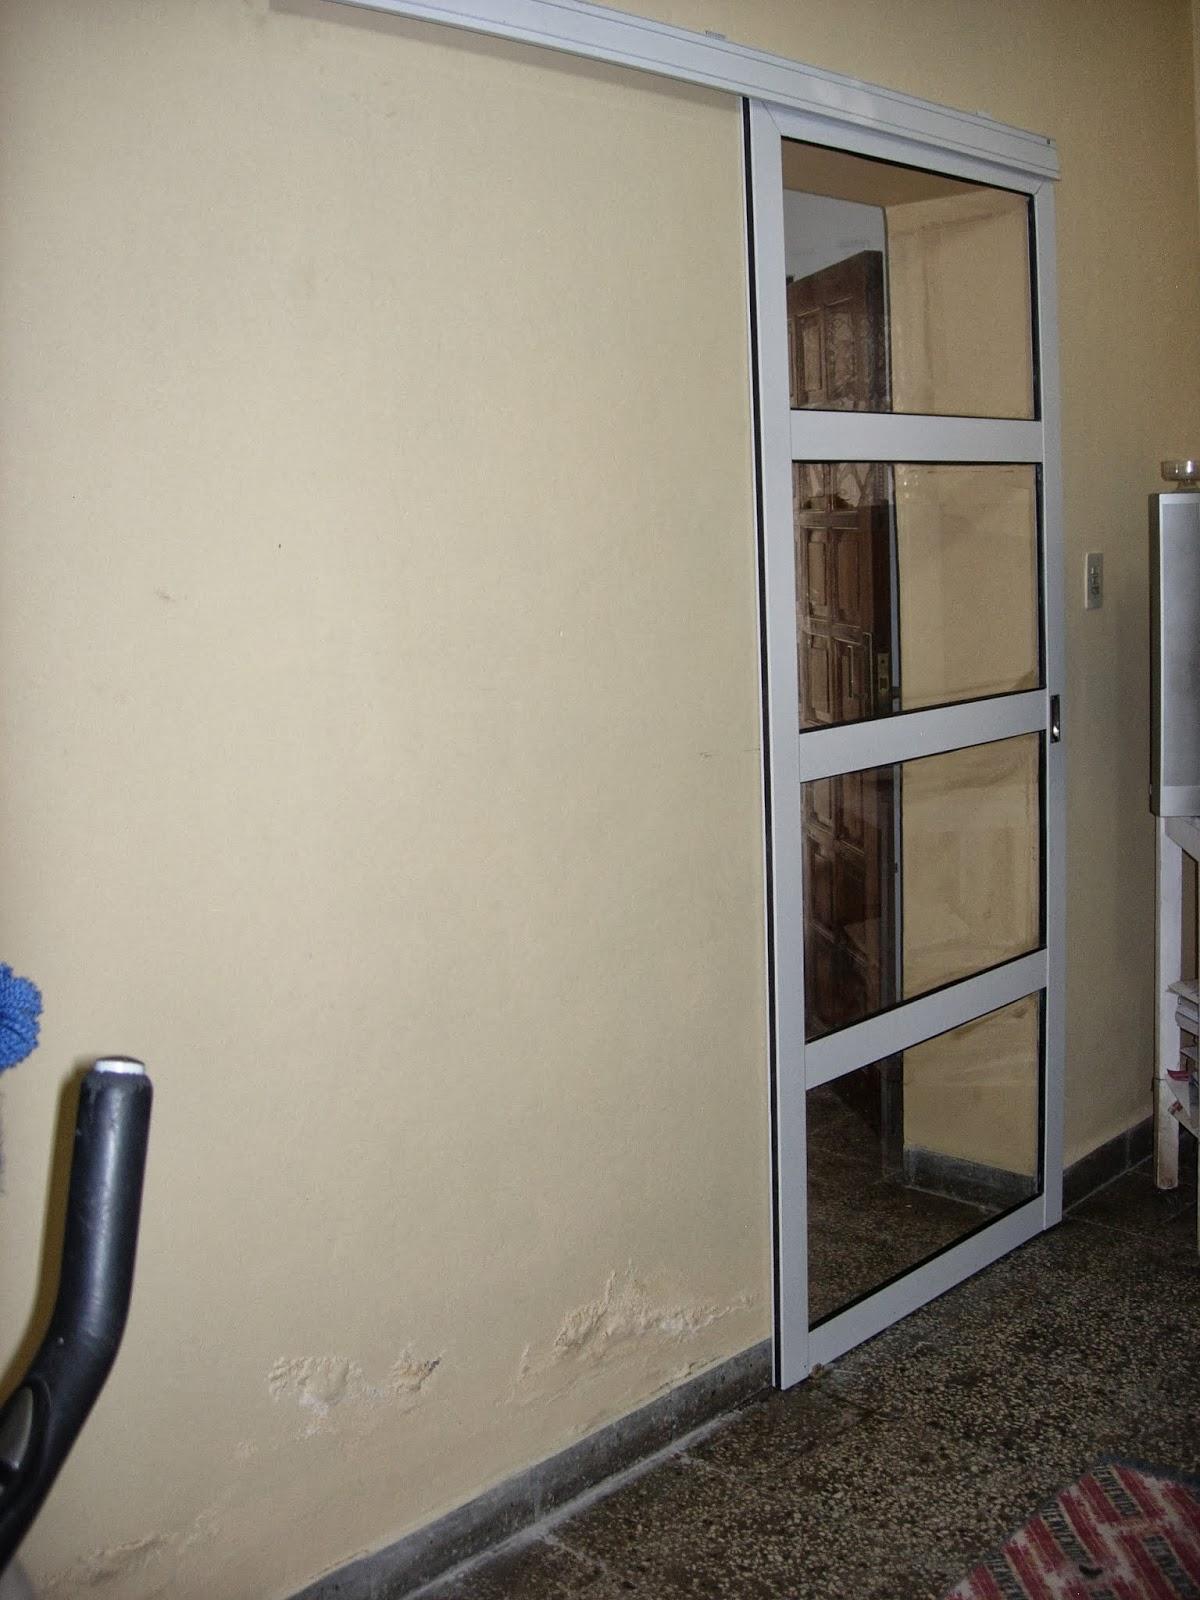 Via dise o carpinter a de aluminio puerta colgante - Puerta balconera aluminio ...